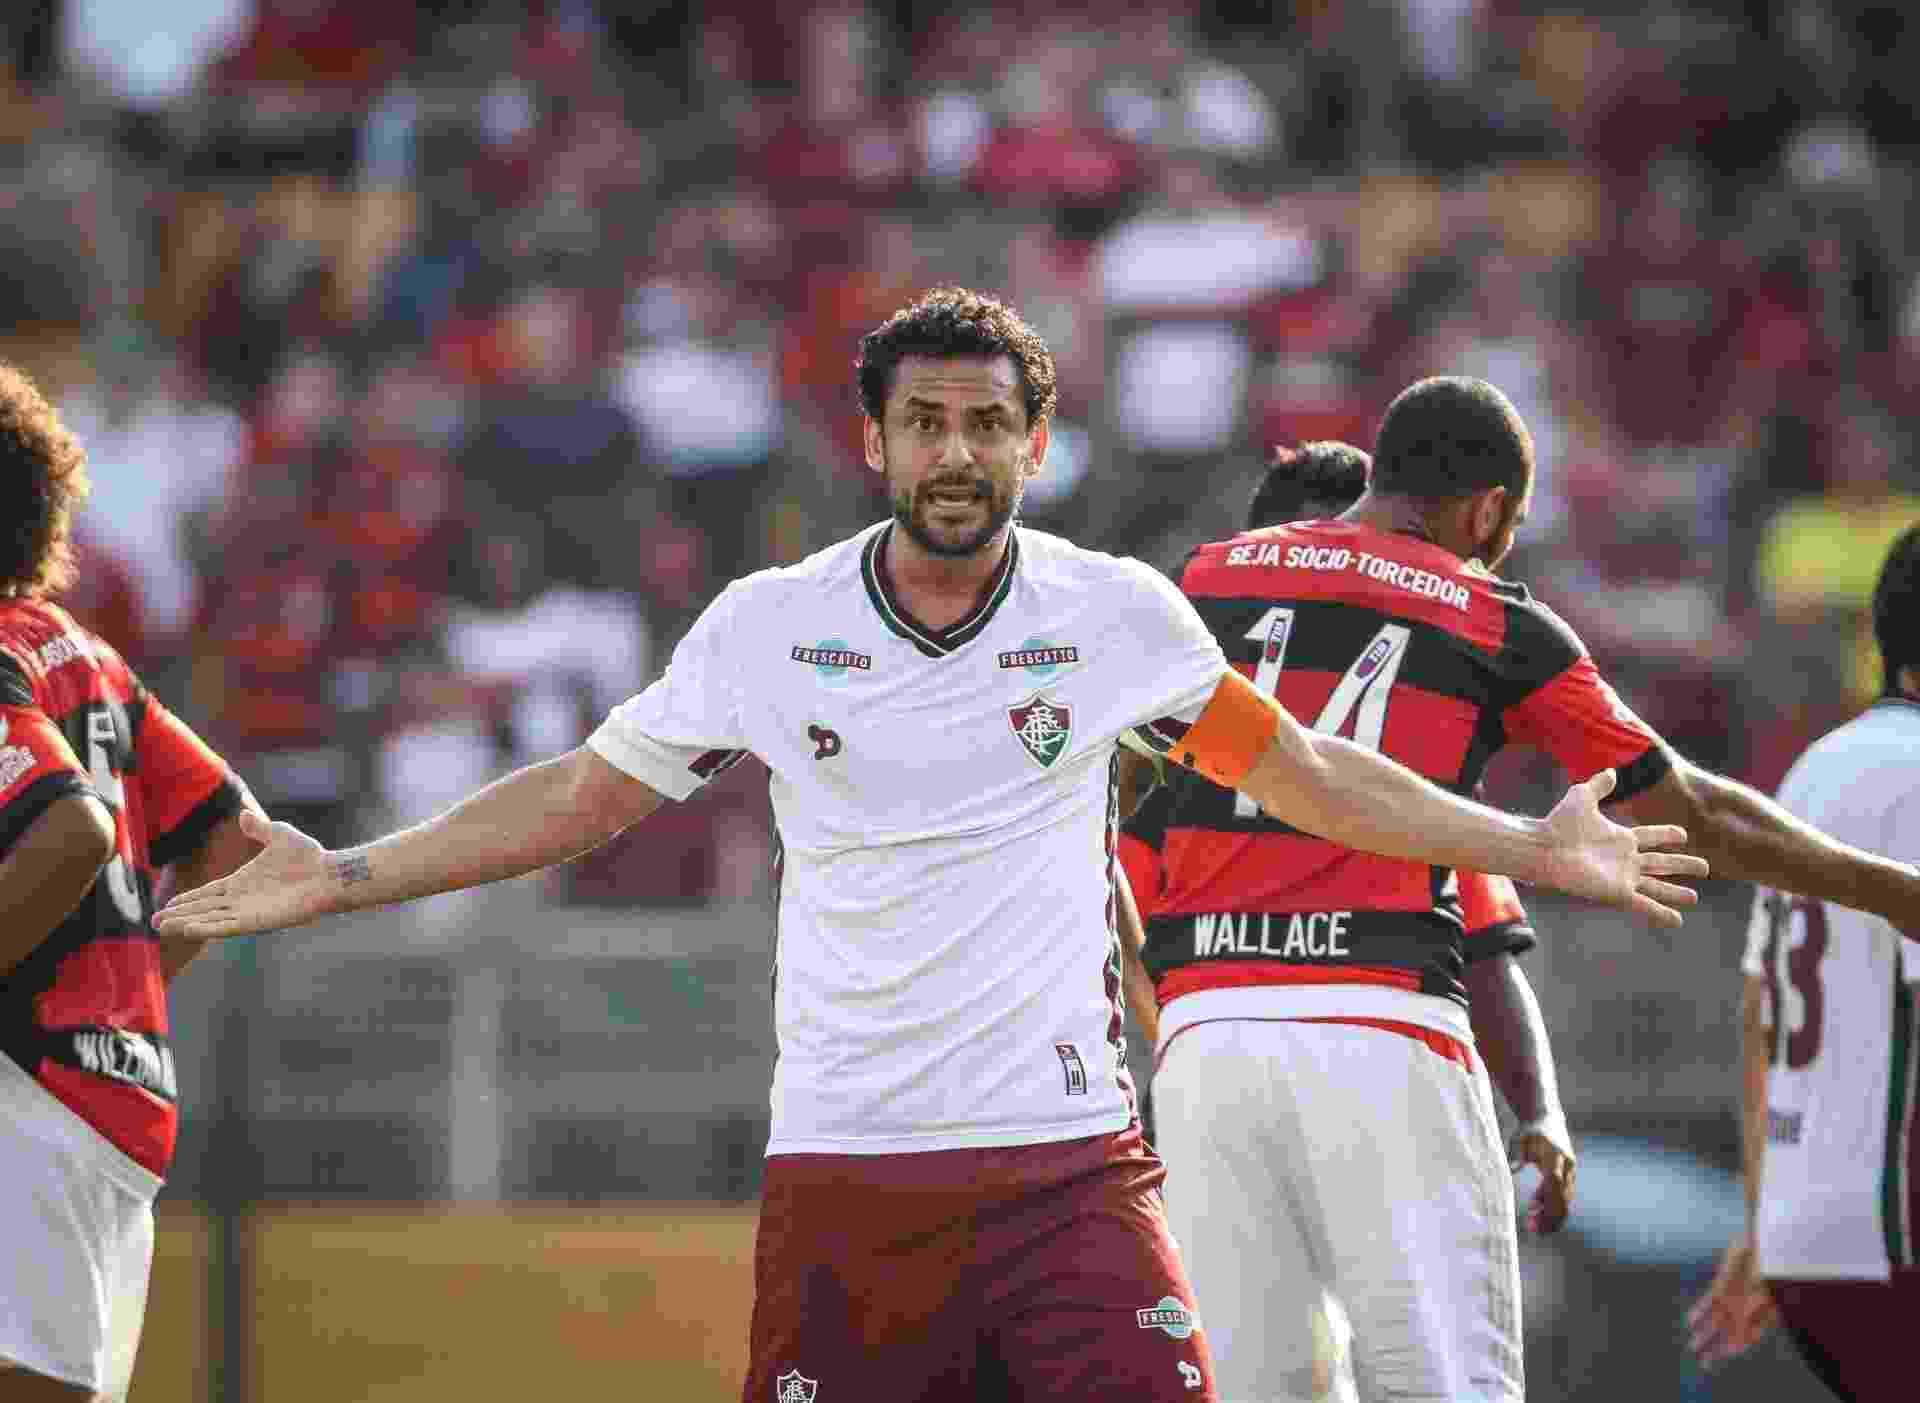 Fred gesticula durante a partida entre Flamengo e Fluminense - Ricardo Nogueira/Folhapress